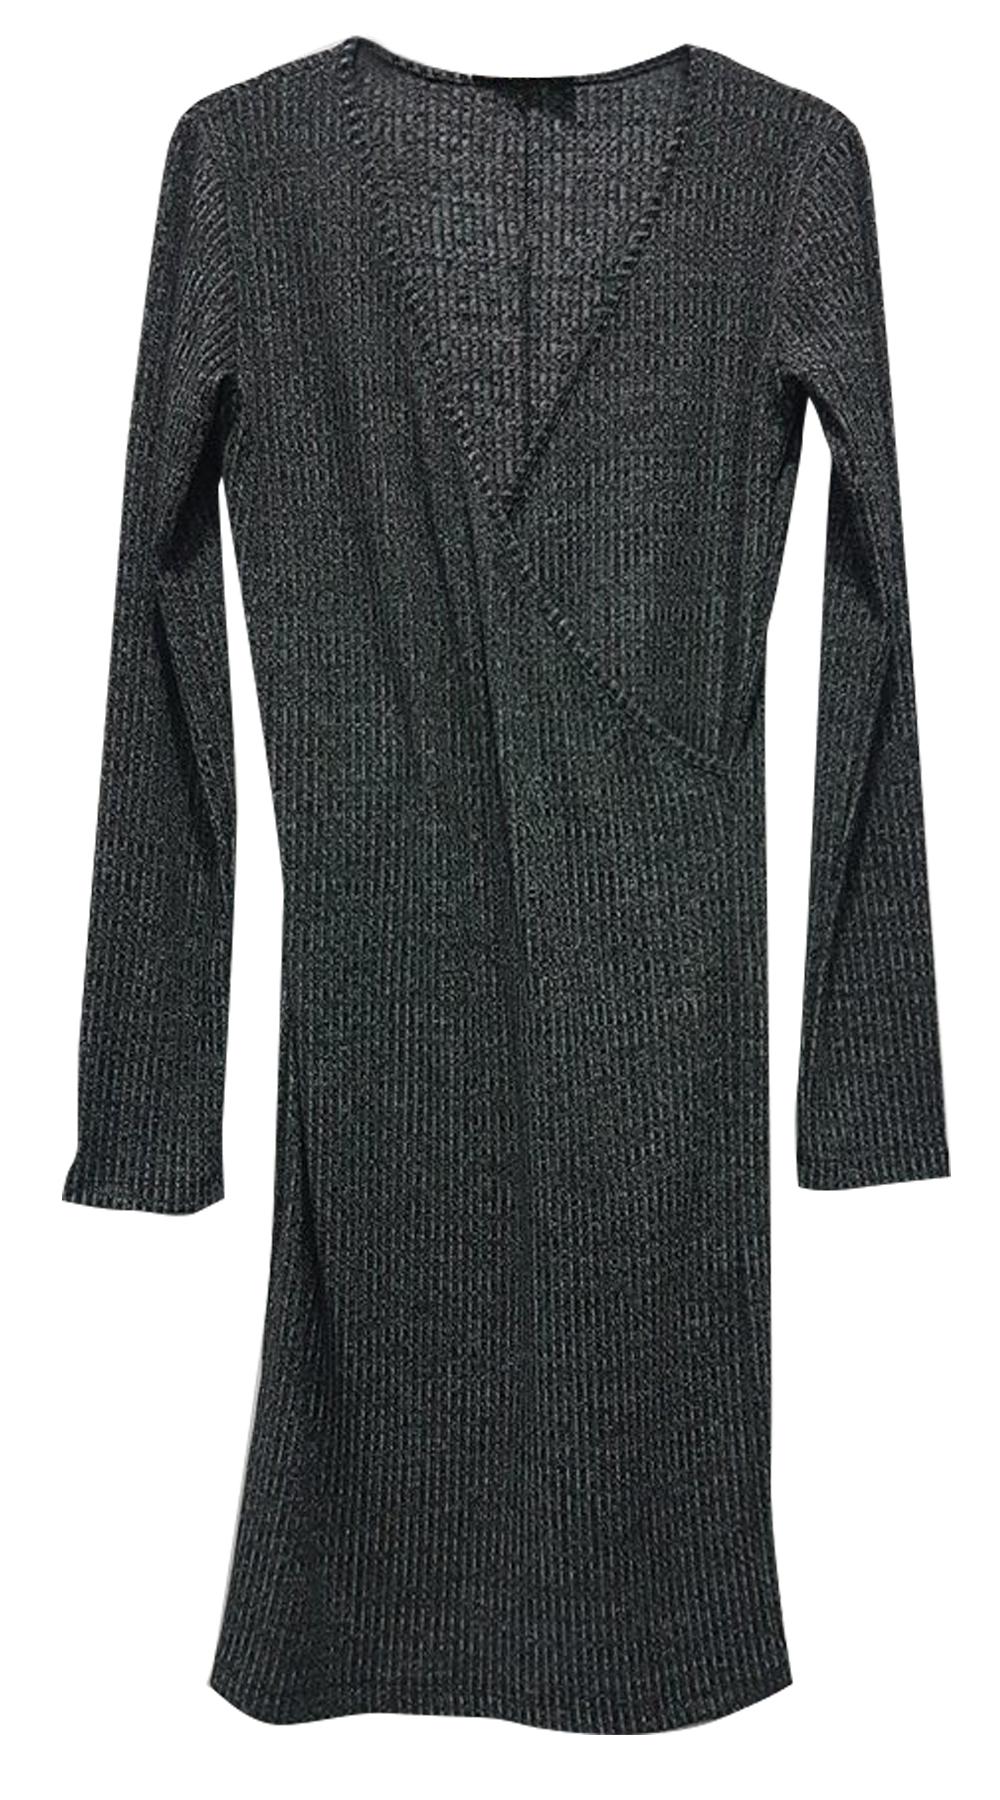 Μίνι basic φόρεμα κρουαζέ ελαστικό Online - ONLINE - W18ON-52034 φορέματα μίνι φορέματα